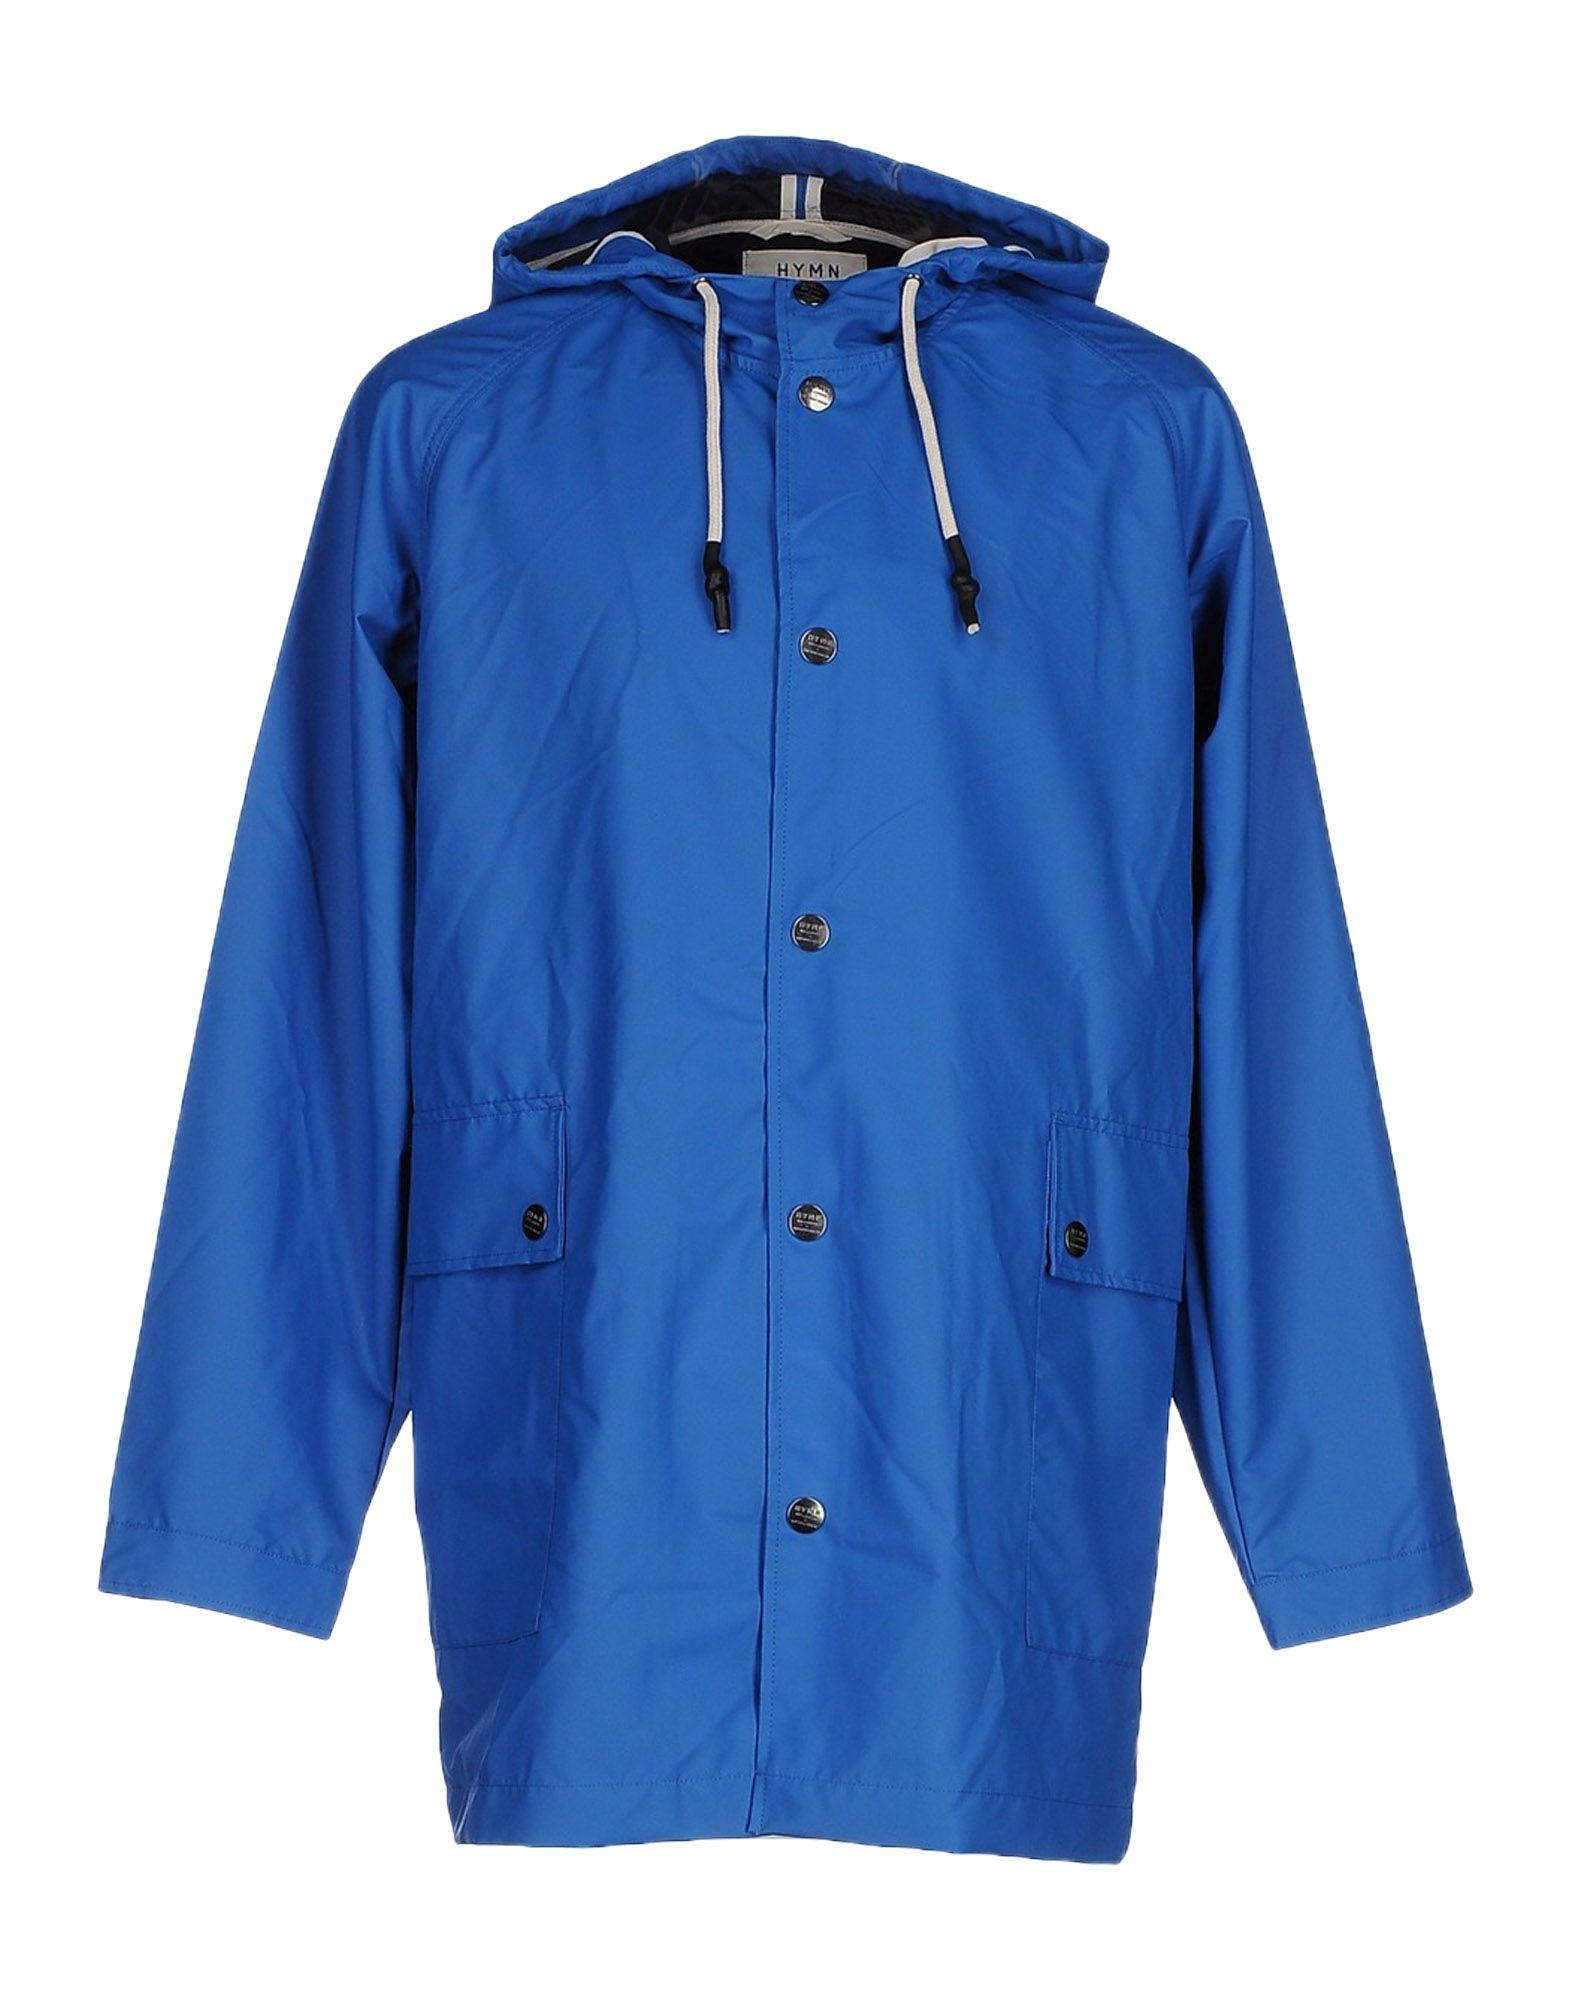 《送料無料》HYMN メンズ ライトコート ブルー S 100% ポリウレタン